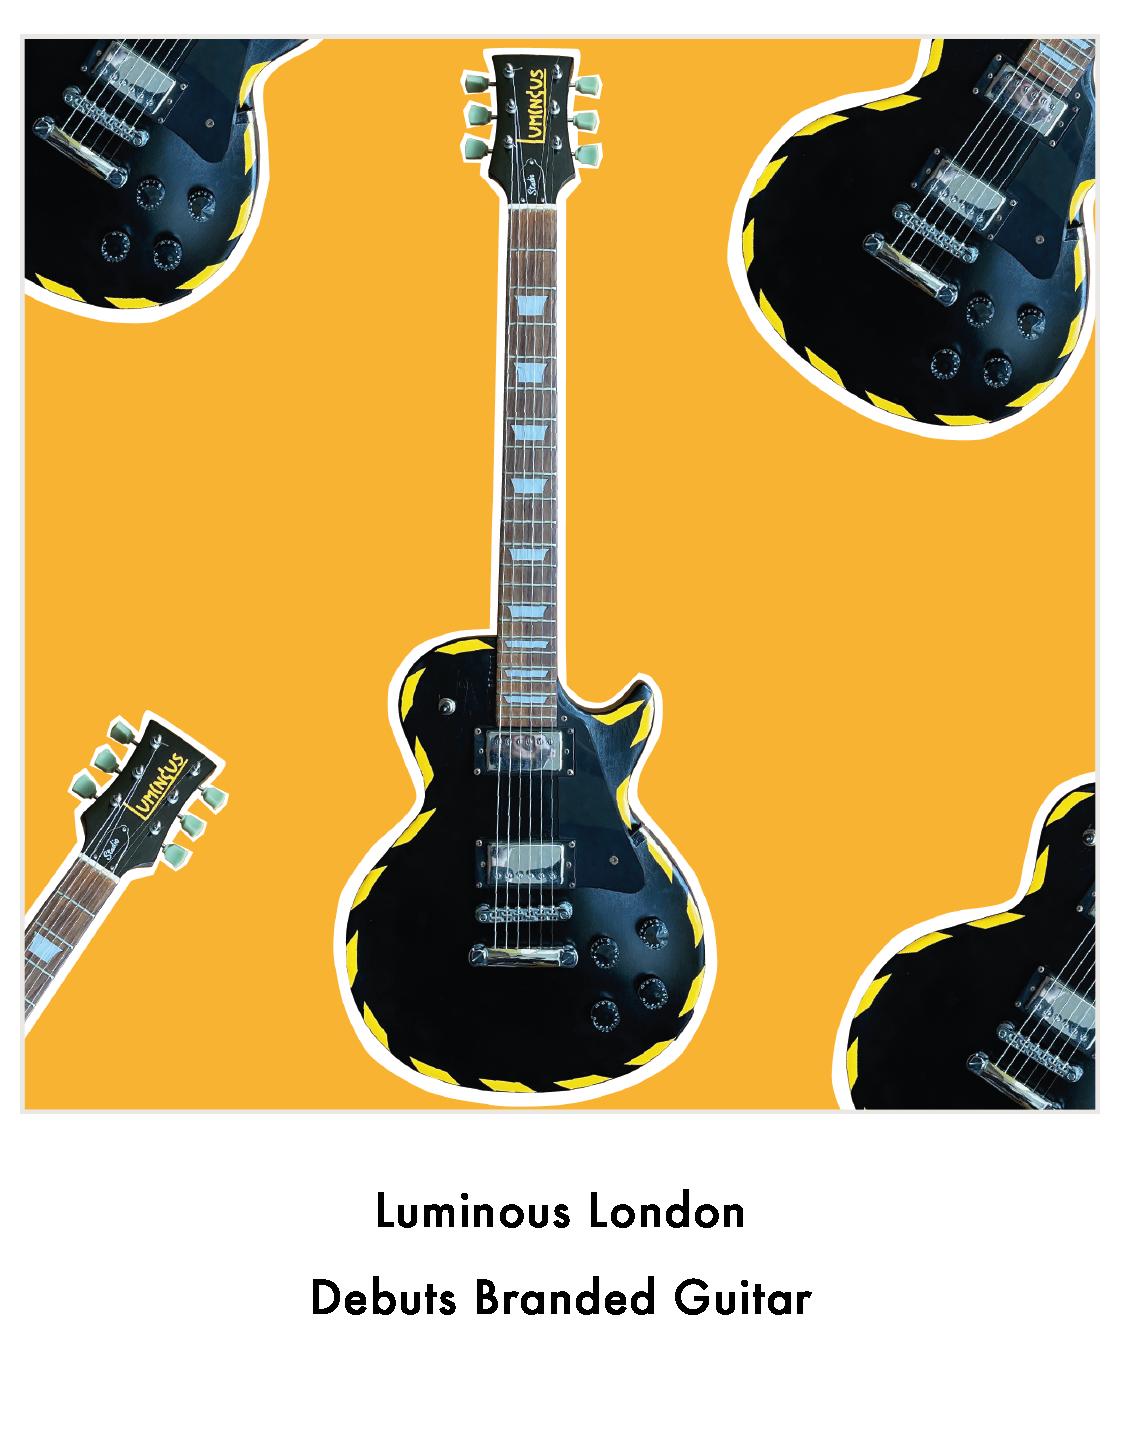 Luminous London Debuts Branded Guitar